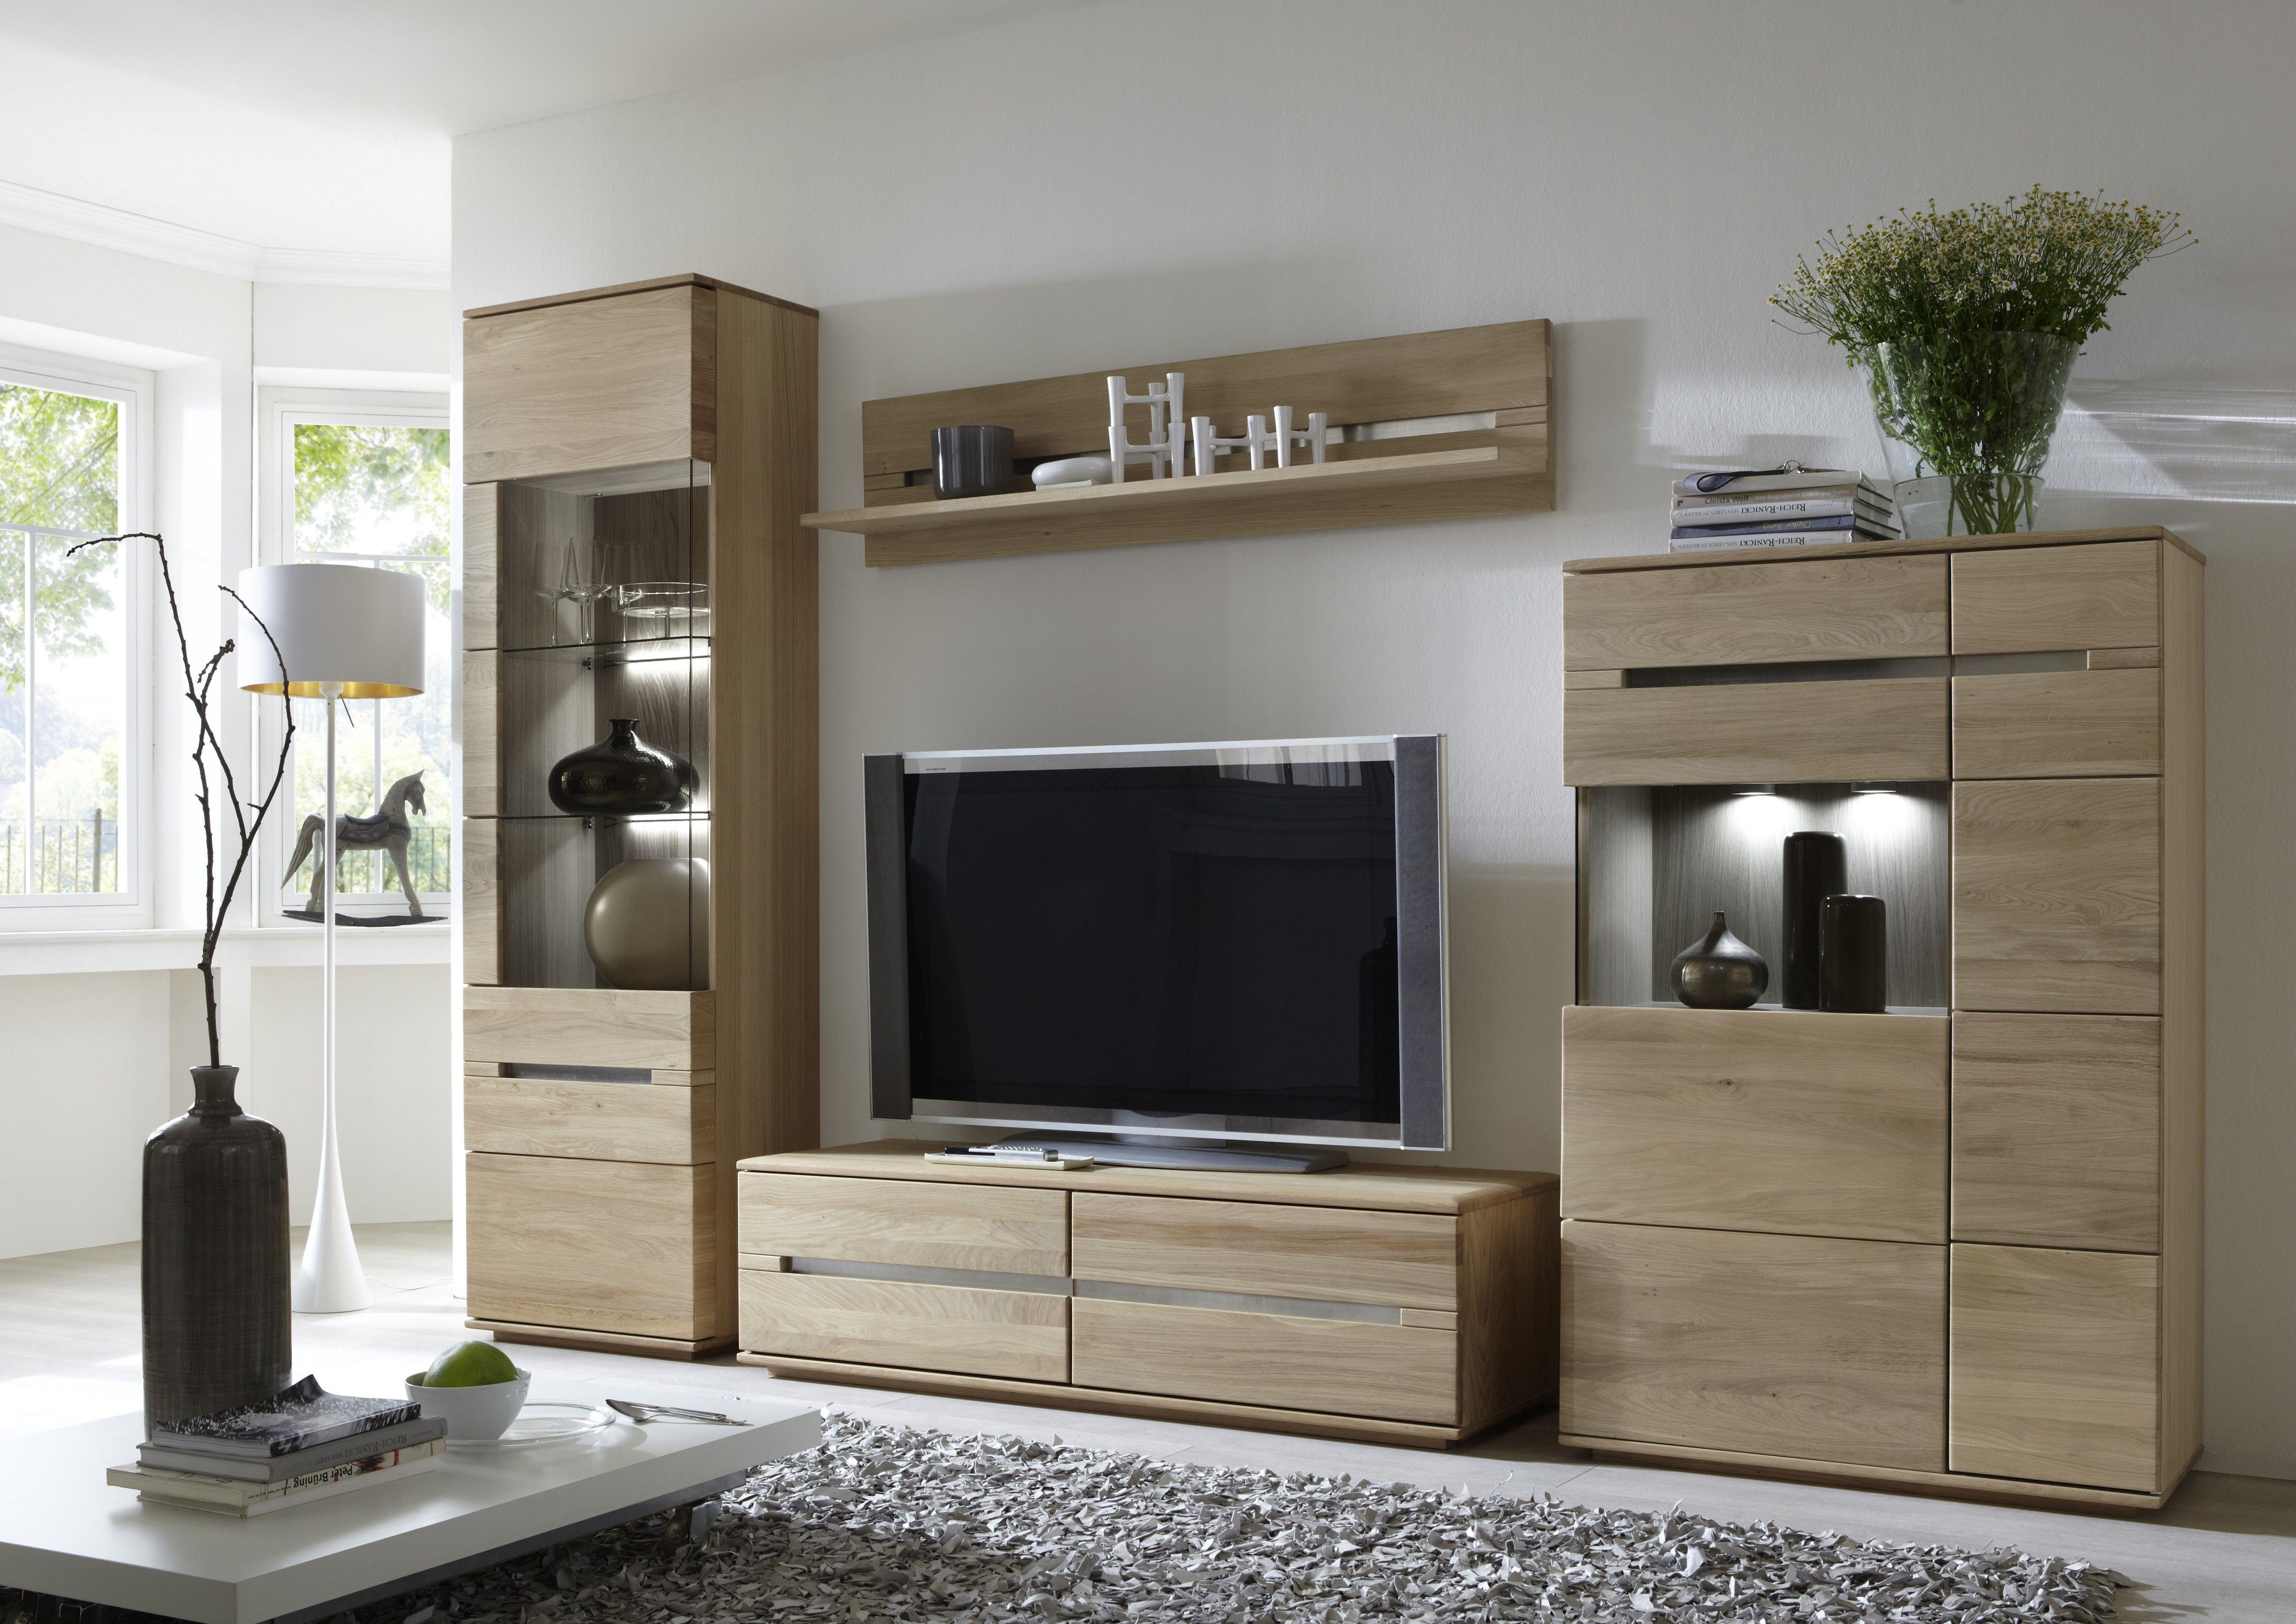 Sehr Moderne Wohnwand In Eiche Bianco Lamelle Ist Das Neue